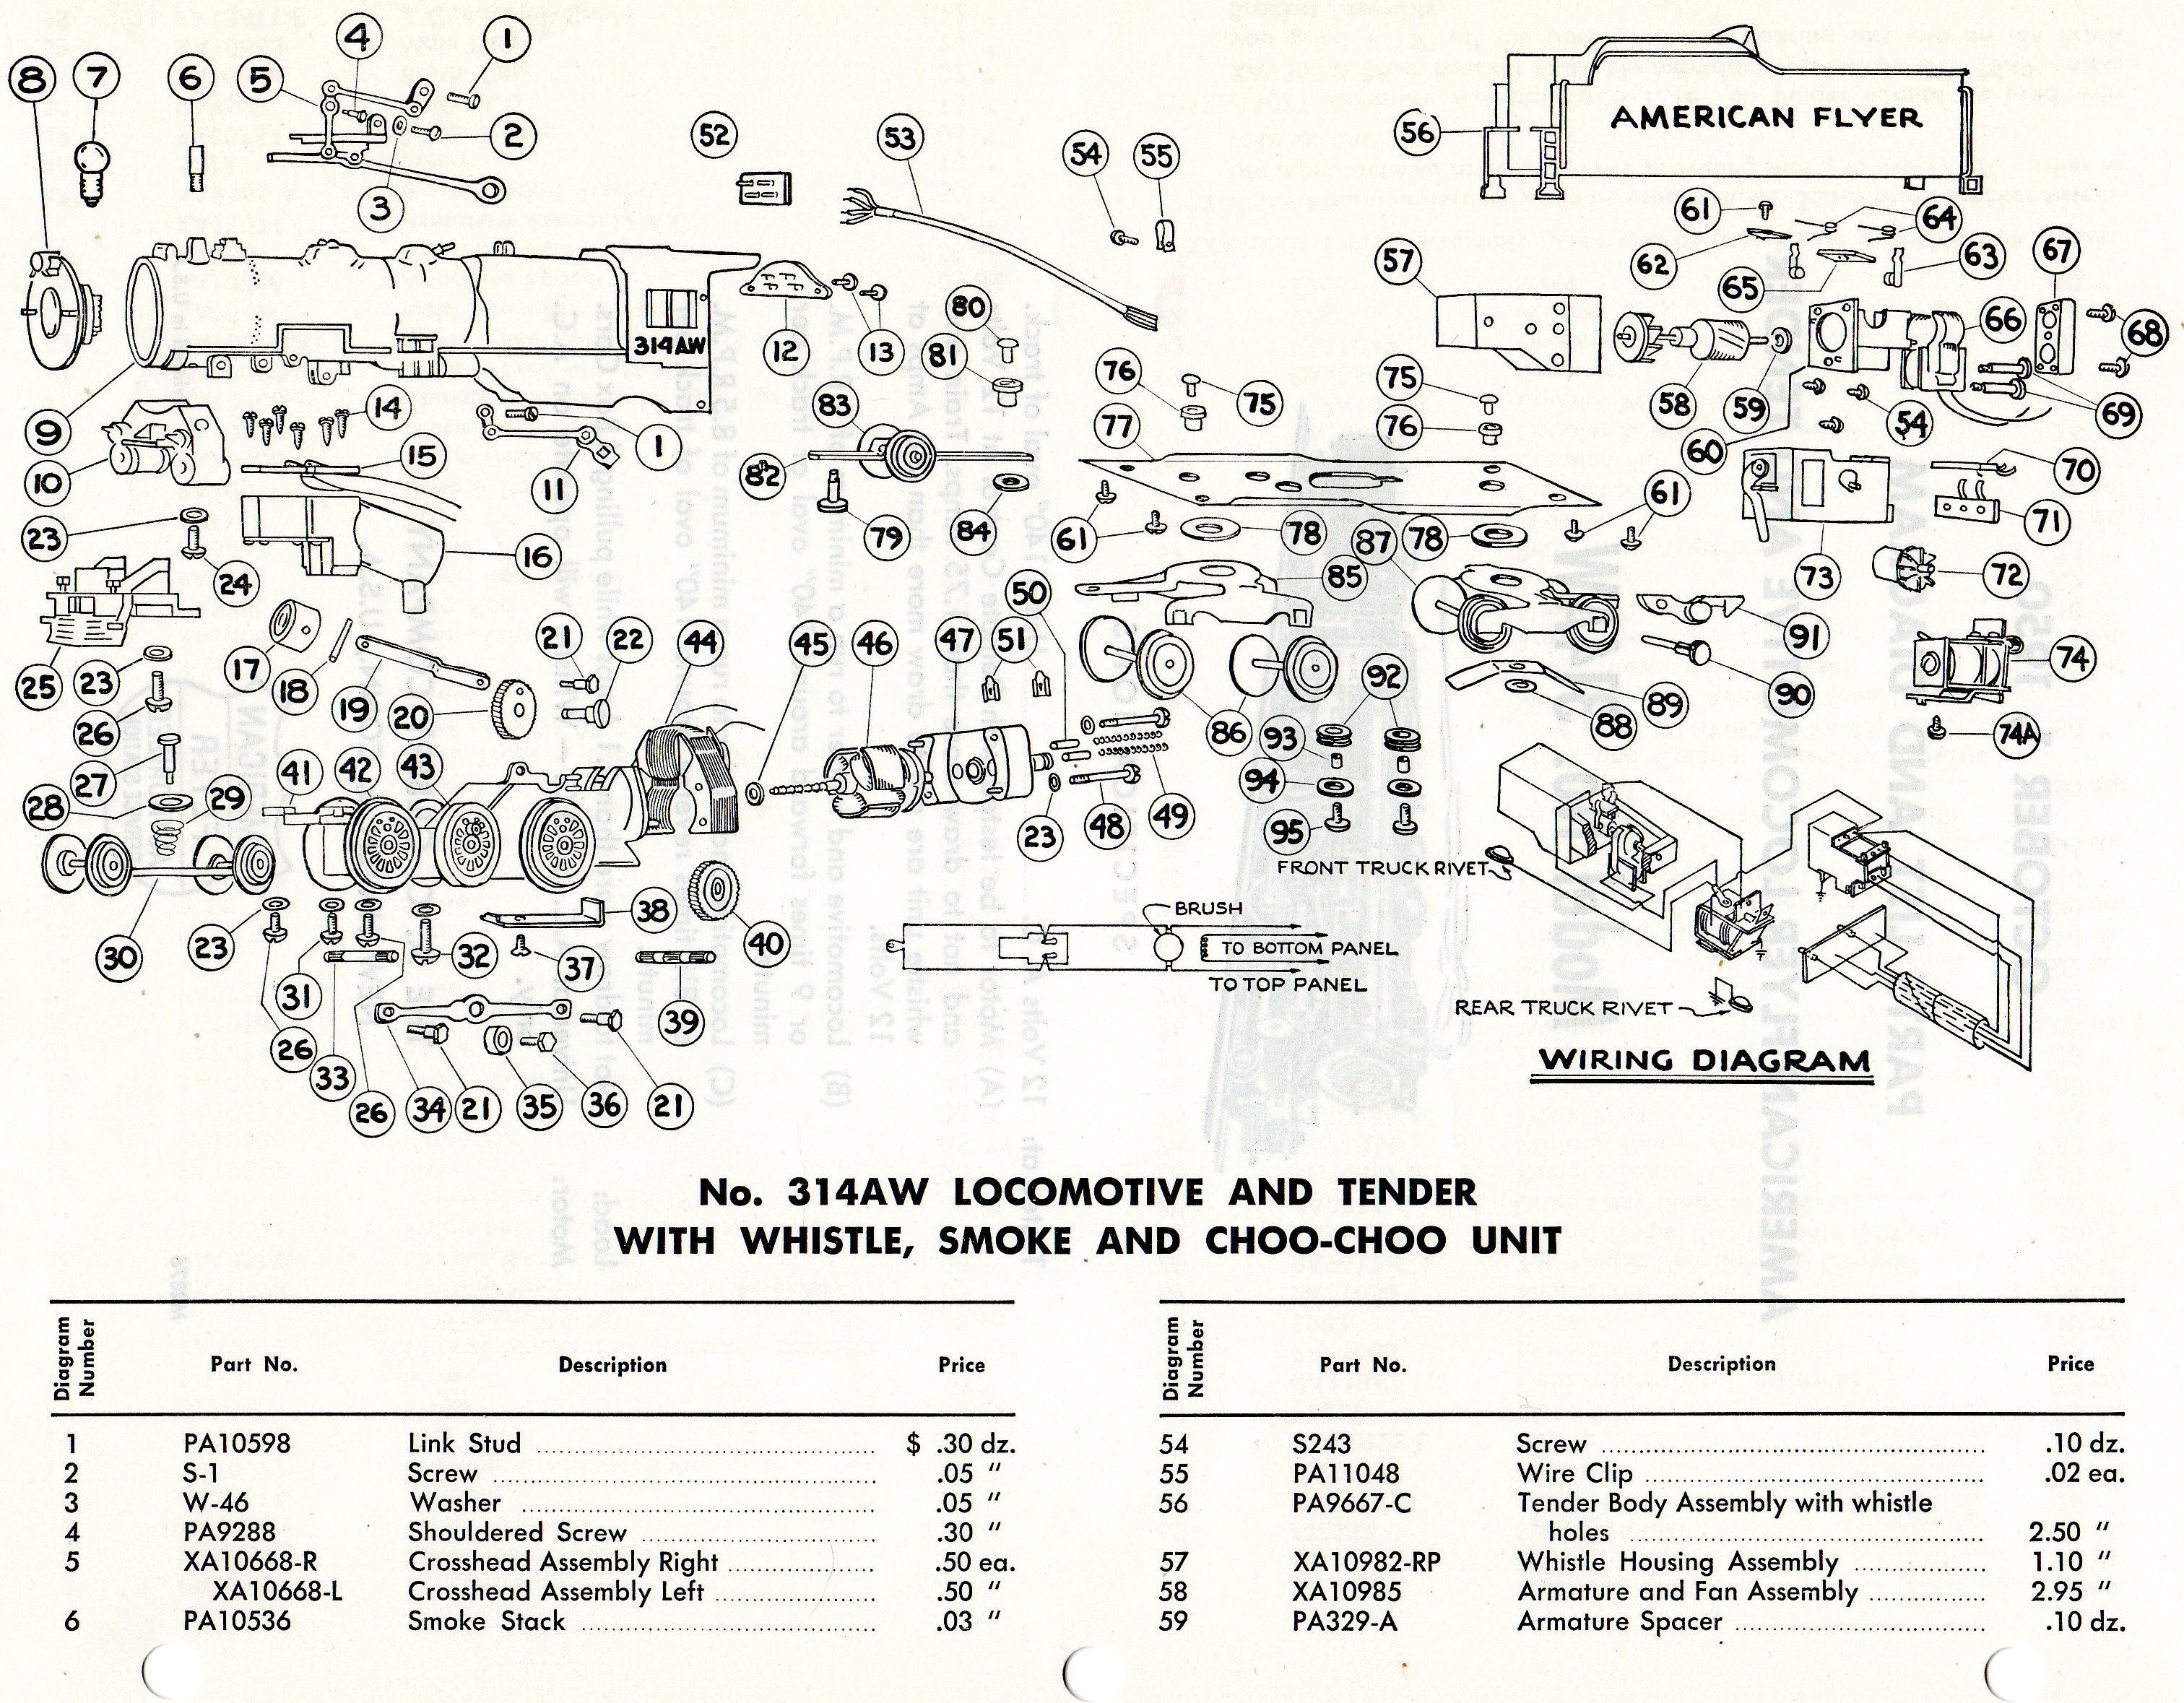 lionel locomotive wiring diagram locomotive wiring diagrams